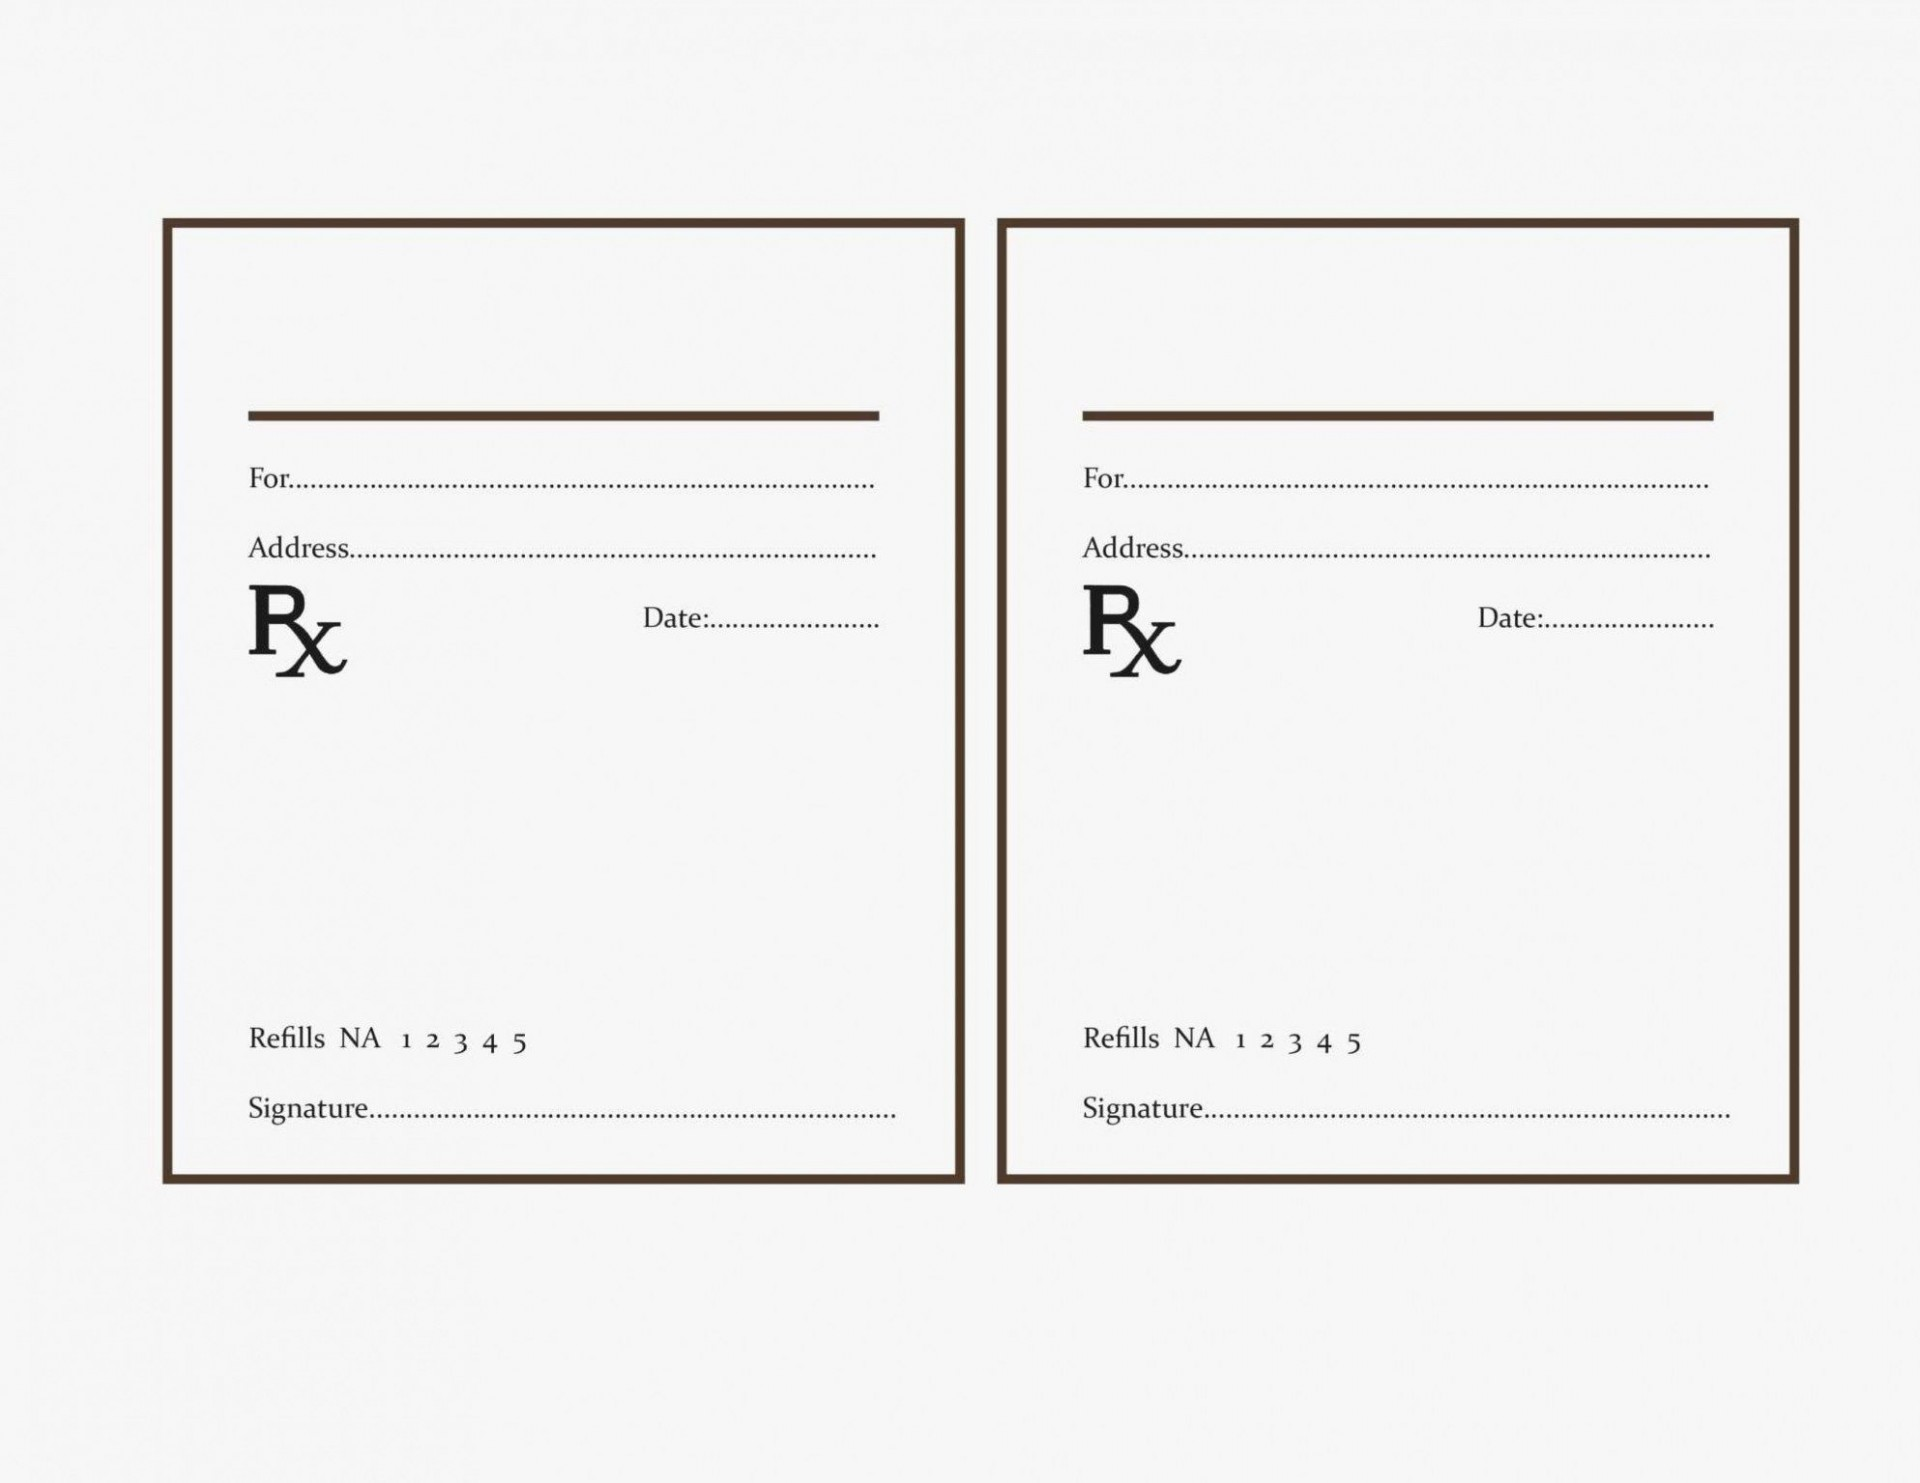 000 Fearsome Free Fake Prescription Label Template Example 1920